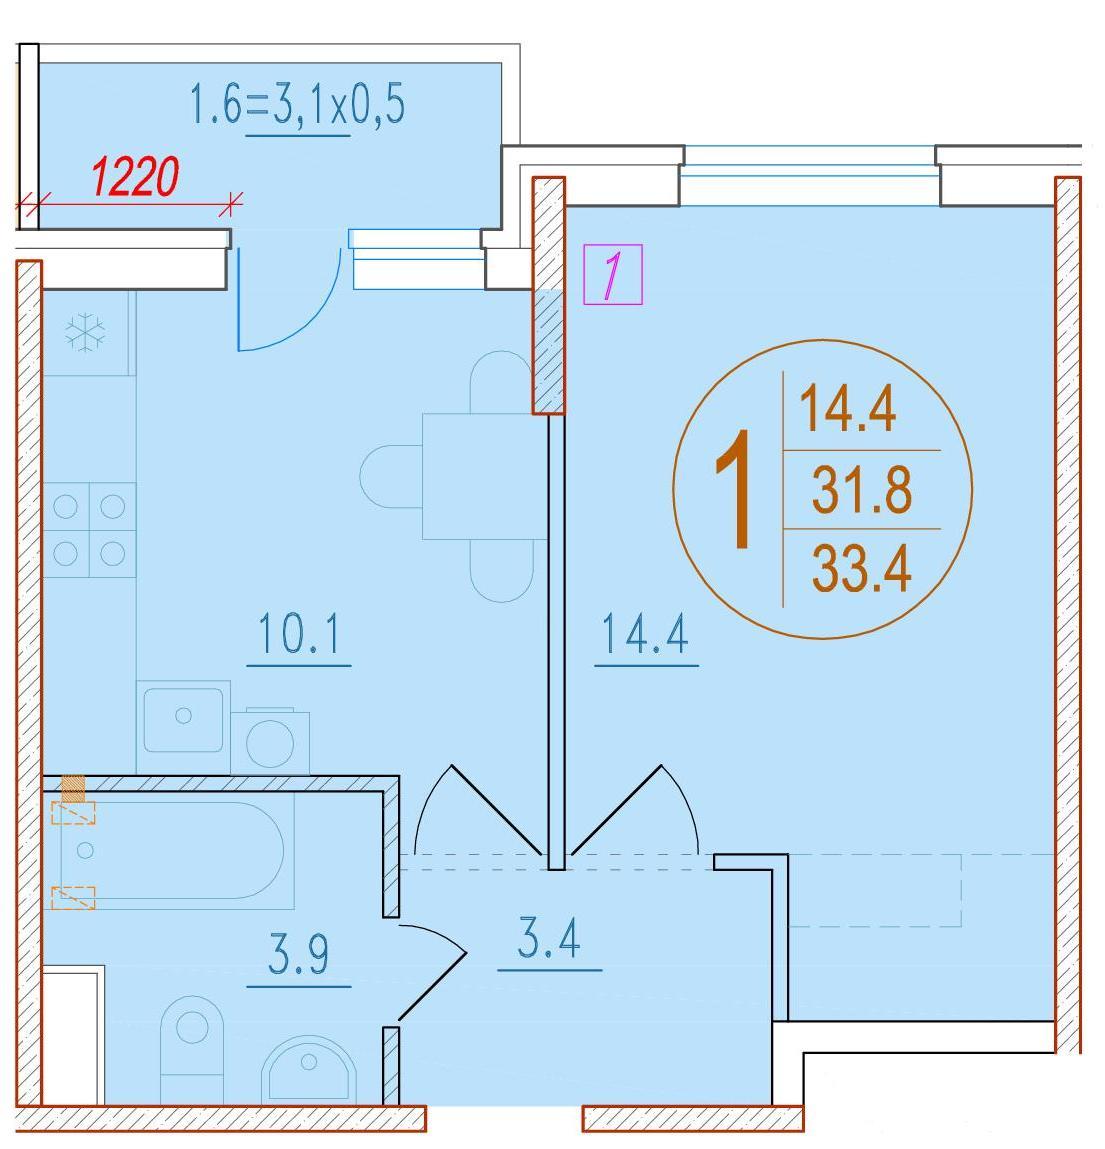 1-комнатная 33.4<span>м<sup>2</sup></span>